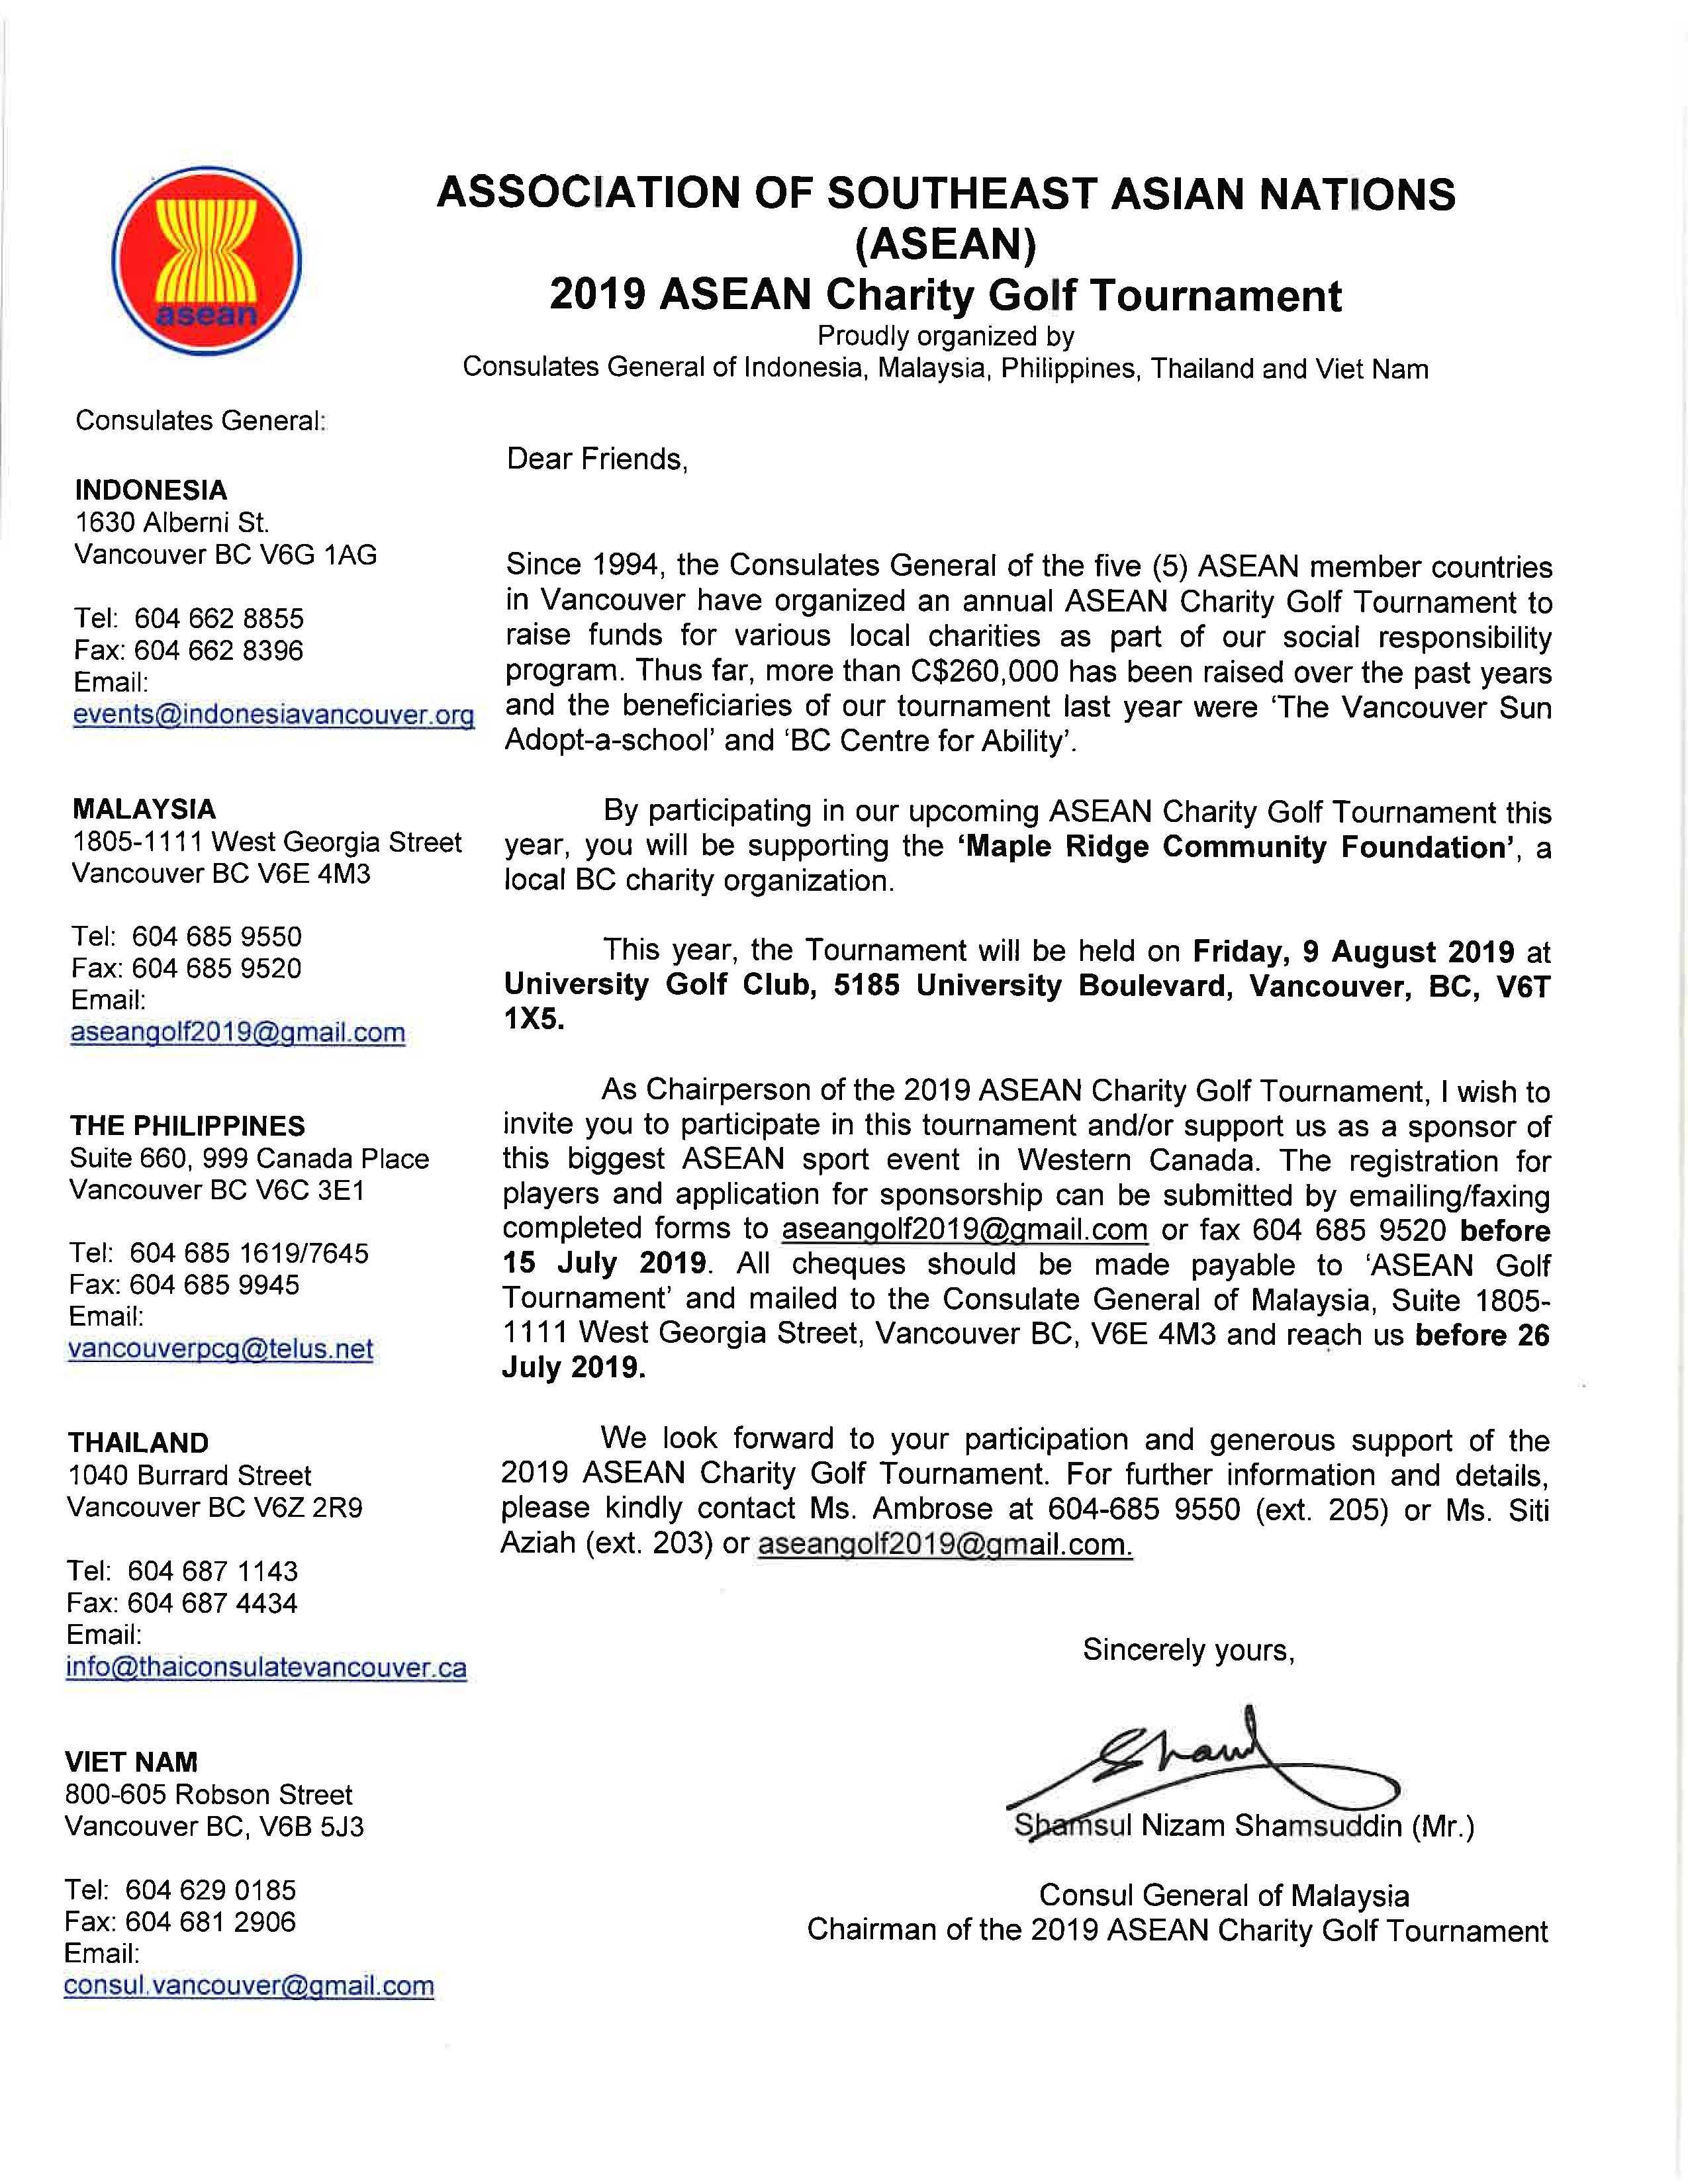 2019 ASEAN Charity Golf Tournament, Friday August 9   Royal Thai